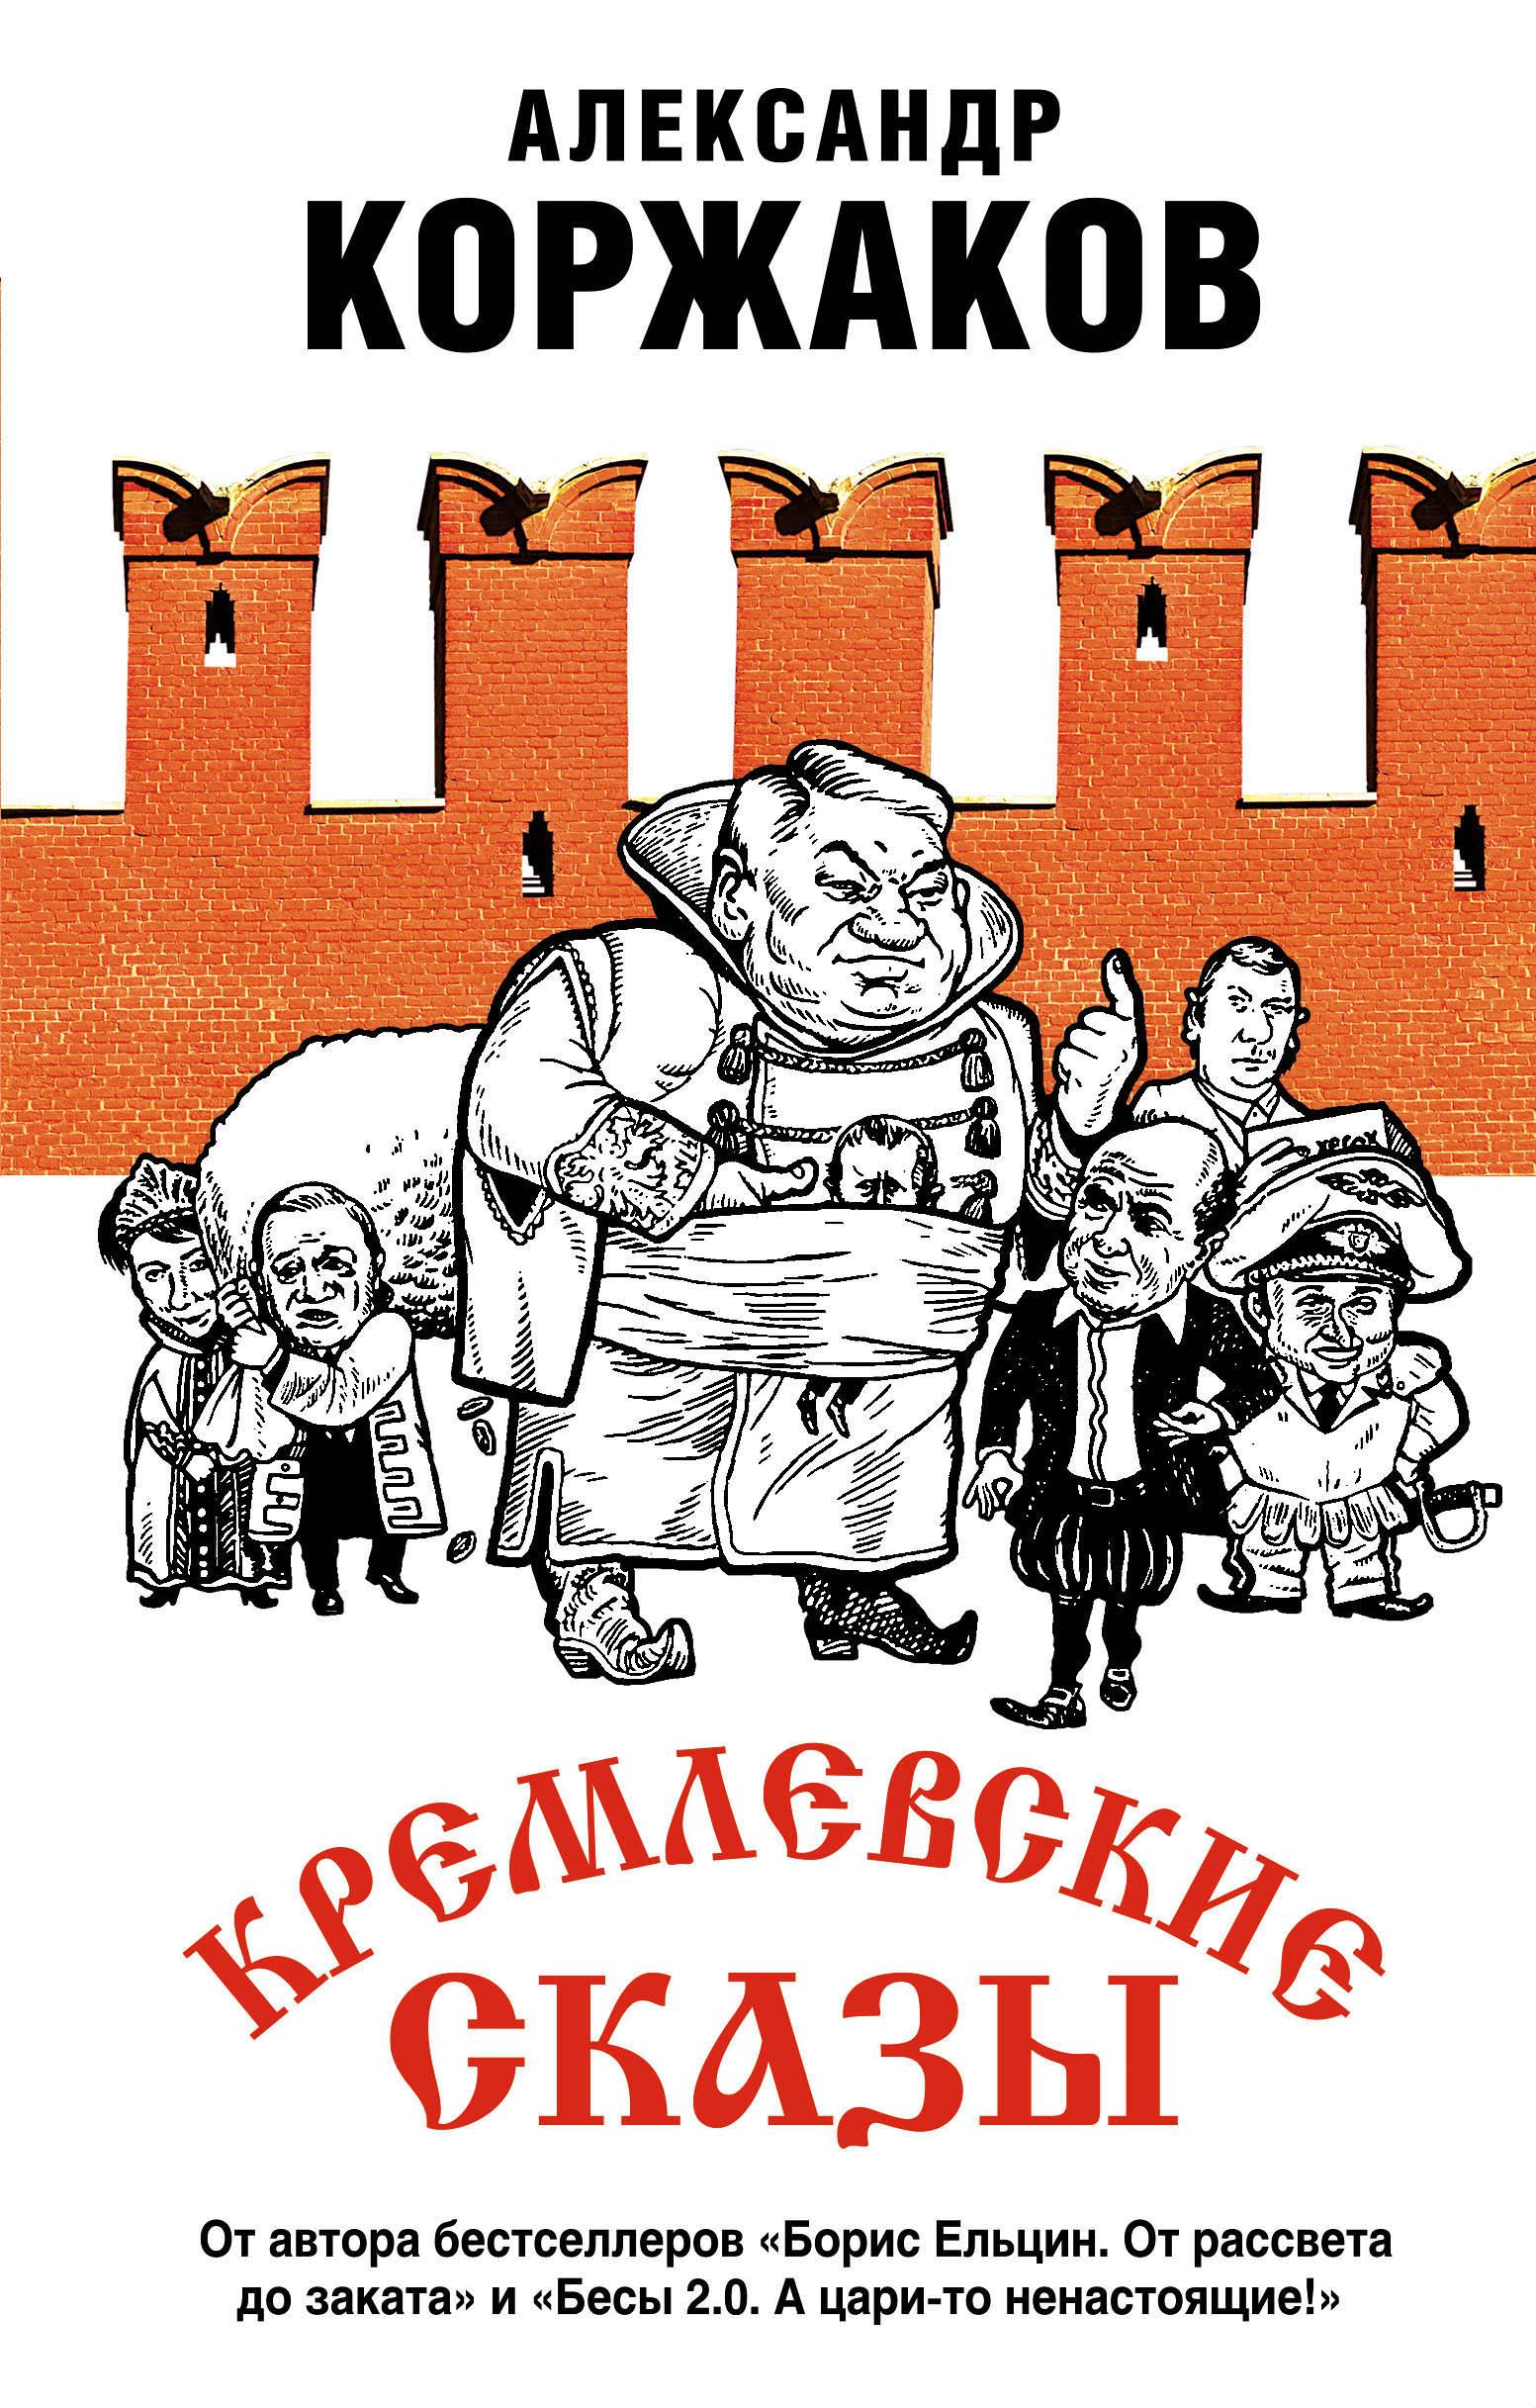 Кремлевские сказы